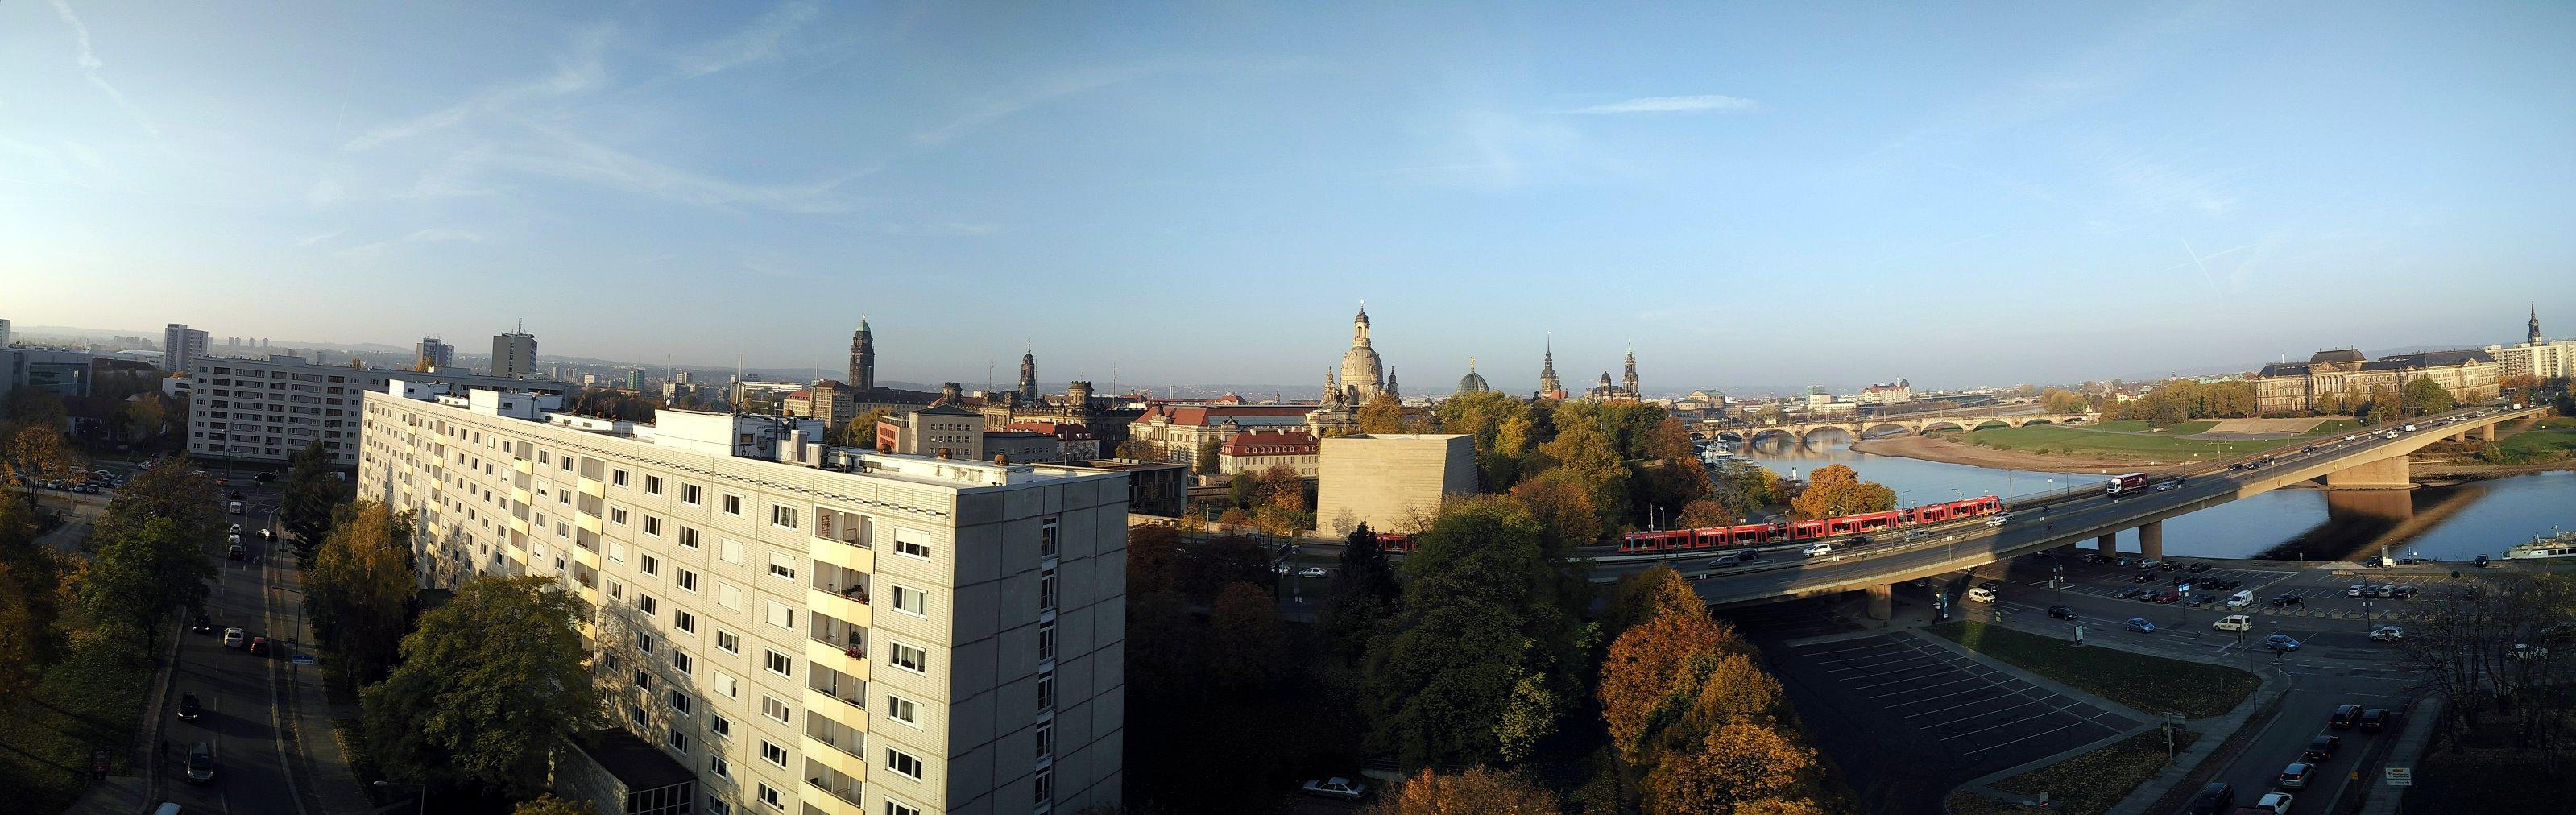 Dresden - Panorama-Blick vom Hotel am Terrassenufer